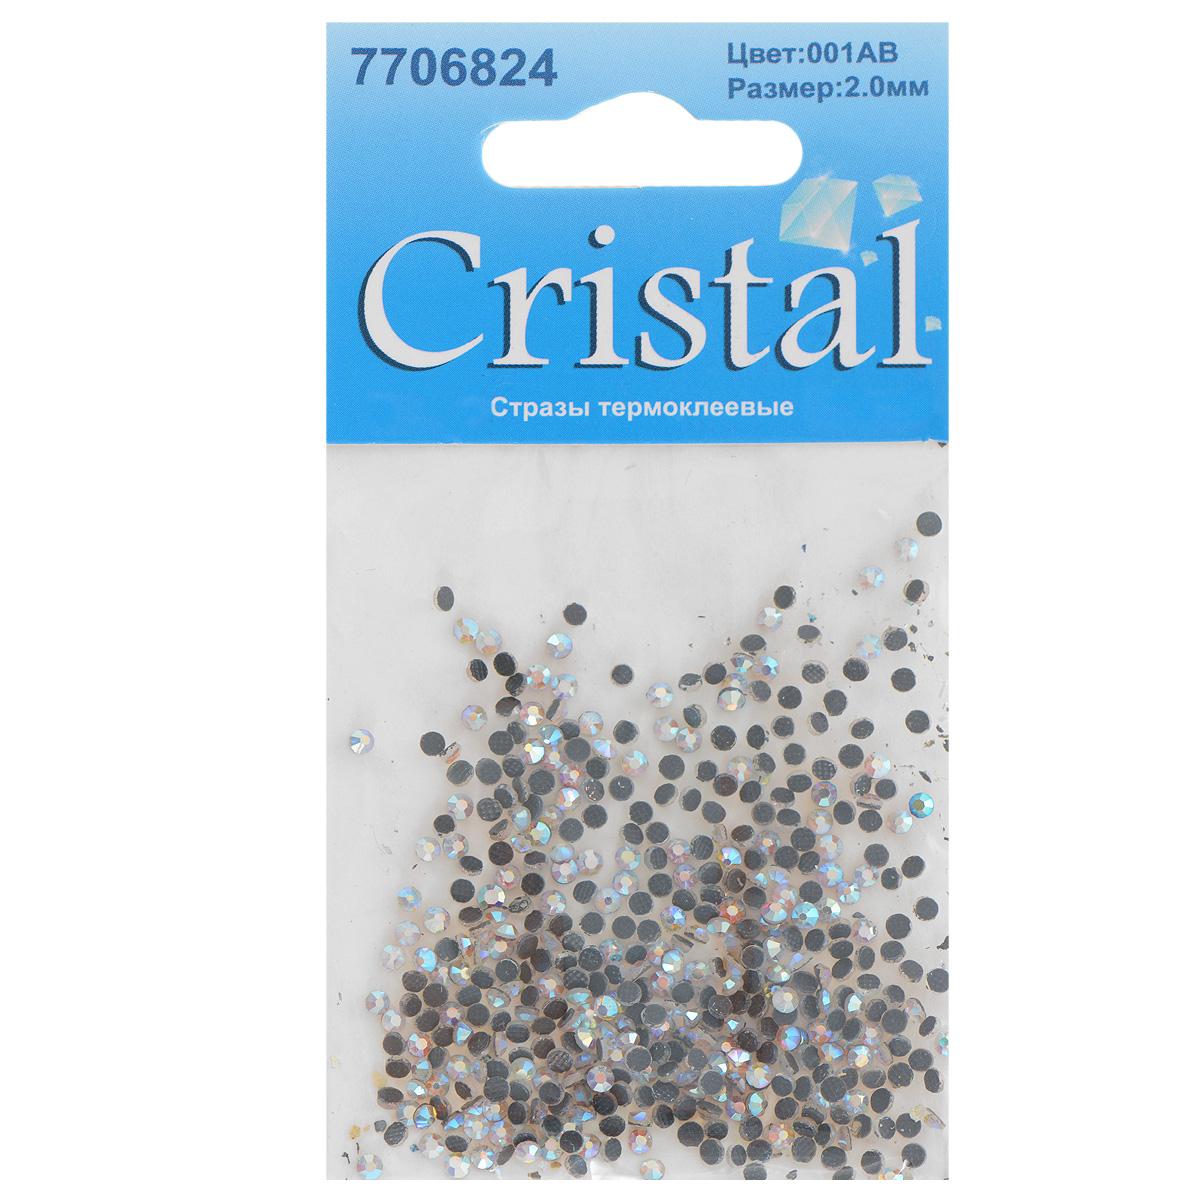 Стразы термоклеевые Cristal, цвет: белый (001АВ), диаметр 2 мм, 432 штNN-612-LS-PLНабор термоклеевых страз Cristal, изготовленный из высококачественного акрила, позволит вам украсить одежду, аксессуары или текстиль. Яркие стразы имеют плоское дно и круглую поверхность с гранями.Дно термоклеевых страз уже обработано особым клеем, который под воздействием высоких температур начинает плавиться, приклеиваясь, таким образом, к требуемой поверхности. Чаще всего их используют в текстильной промышленности: стразы прикладывают к ткани и проглаживают утюгом с обратной стороны. Также можно использовать специальный паяльник. Украшение стразами поможет сделать любую вещь оригинальной и неповторимой. Диаметр страз: 2 мм.